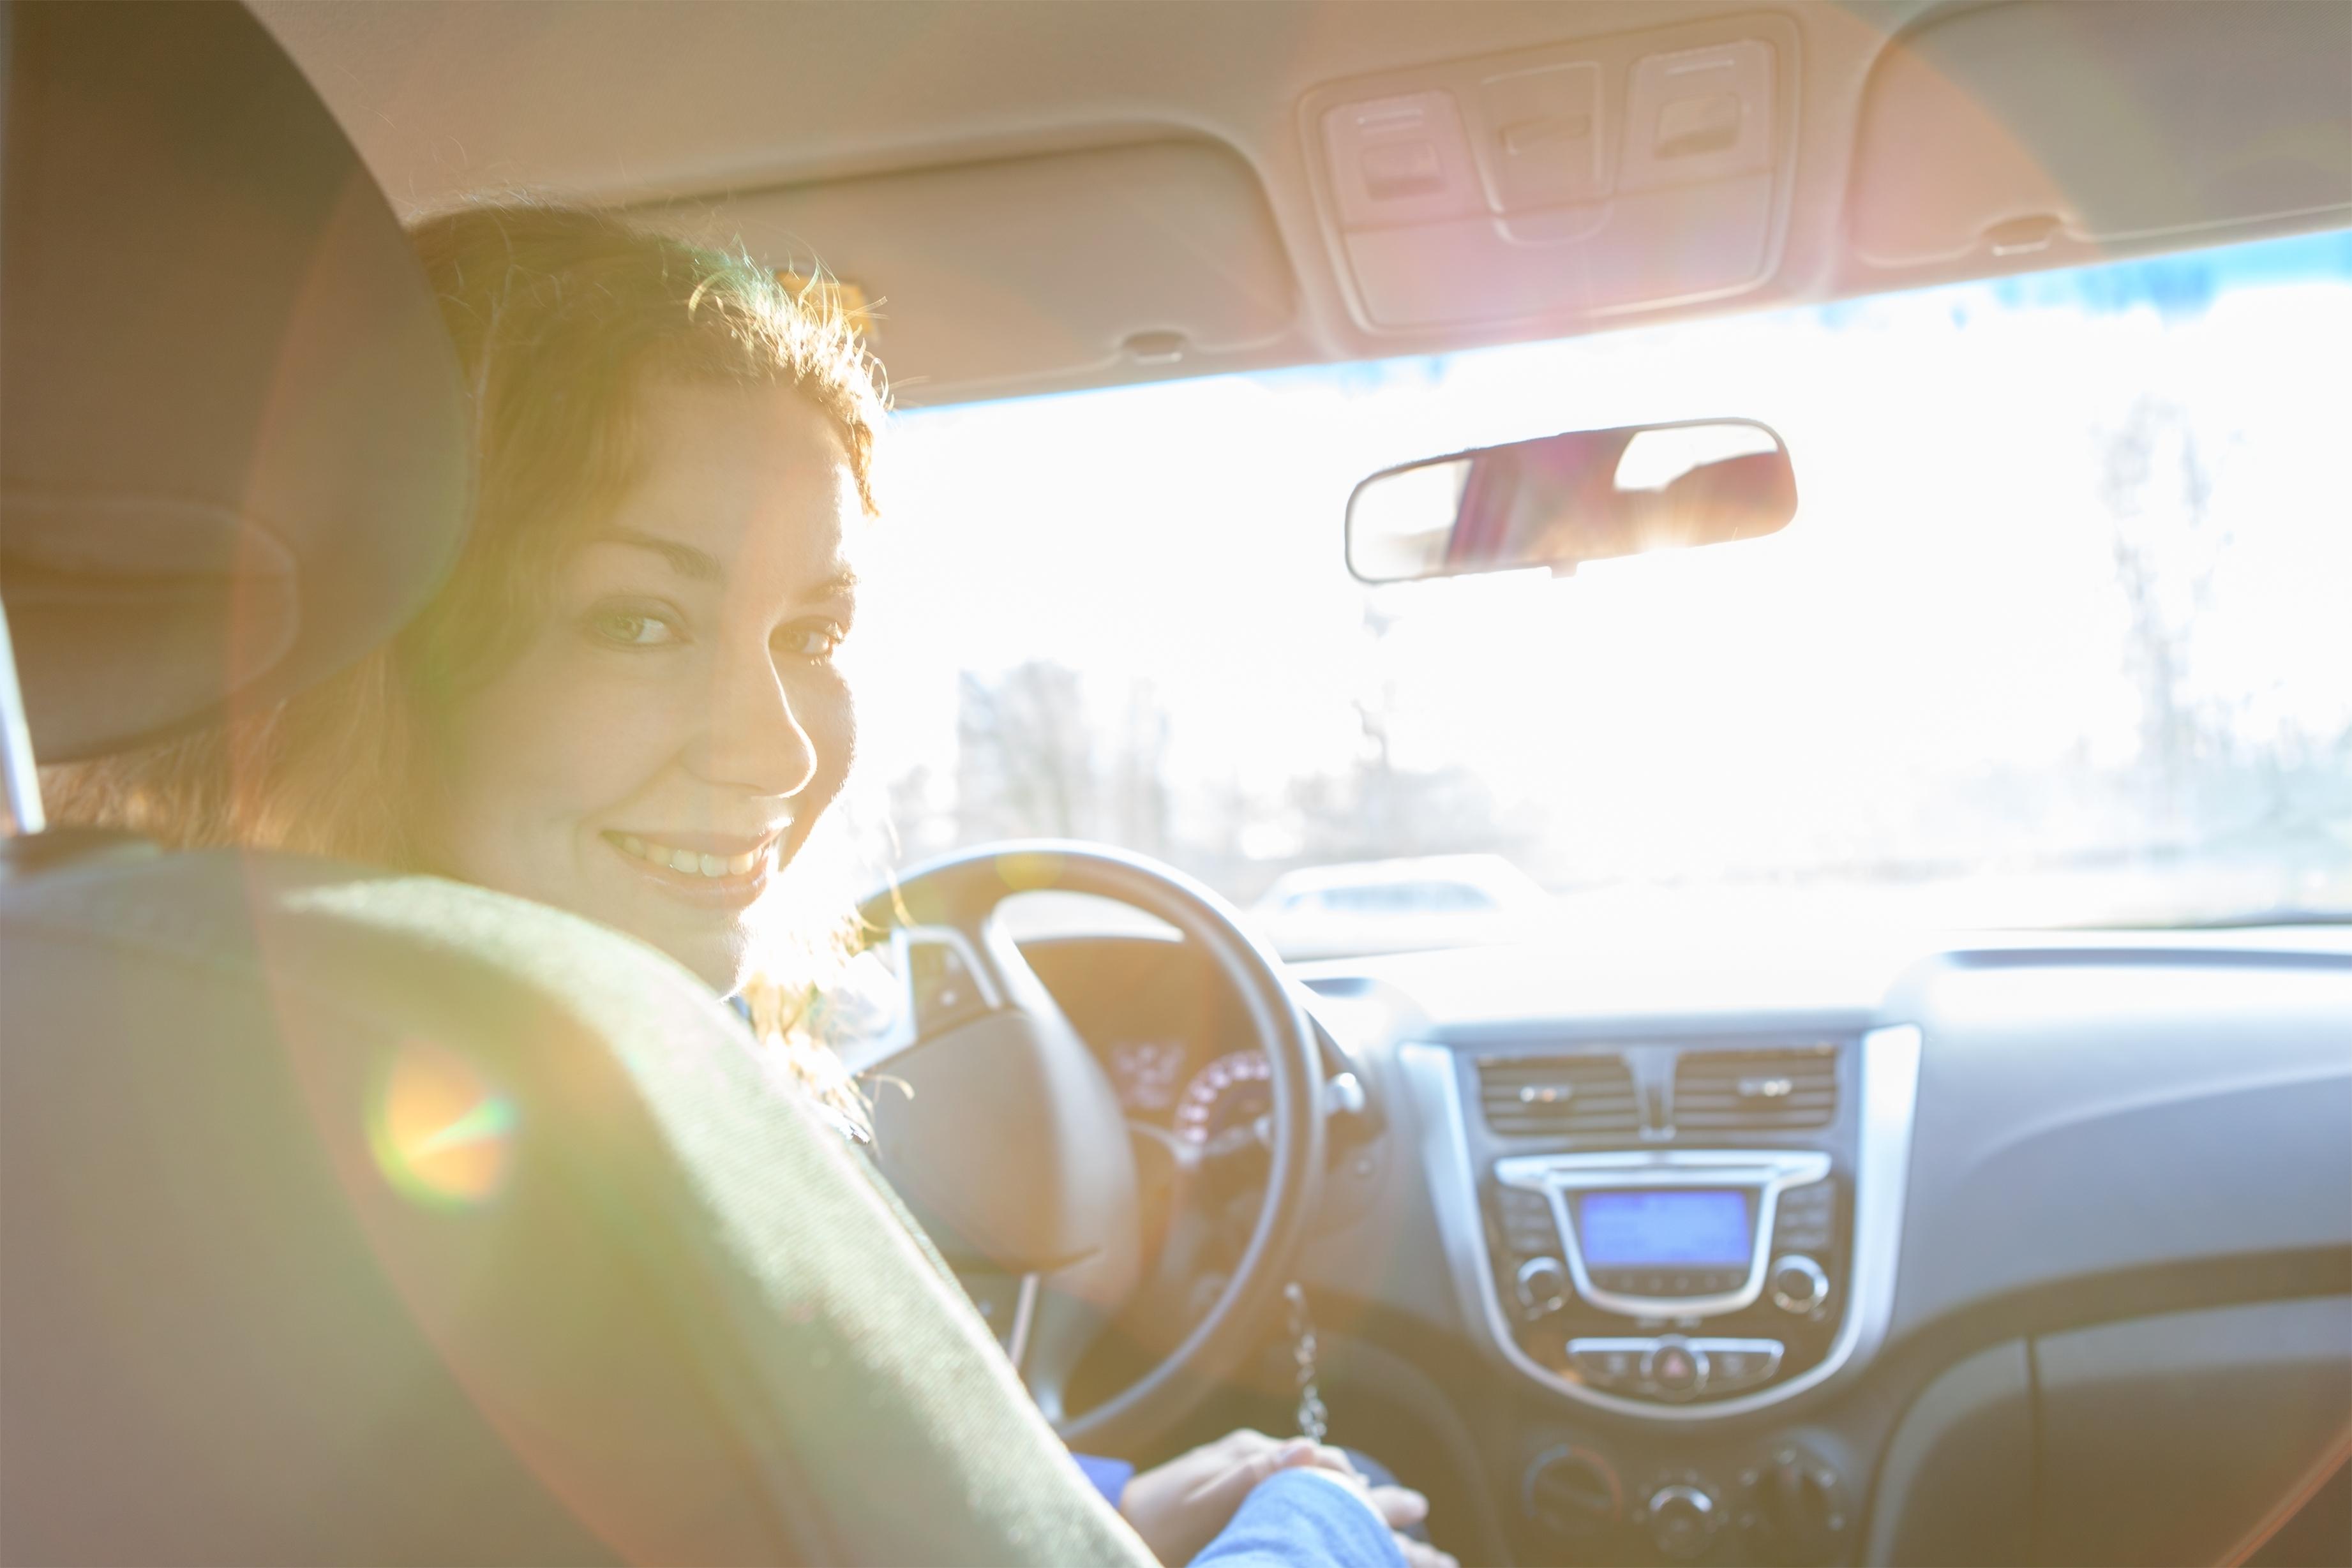 Volvo anses som en av de säkrare bilarna för såväl män som kvinnor.